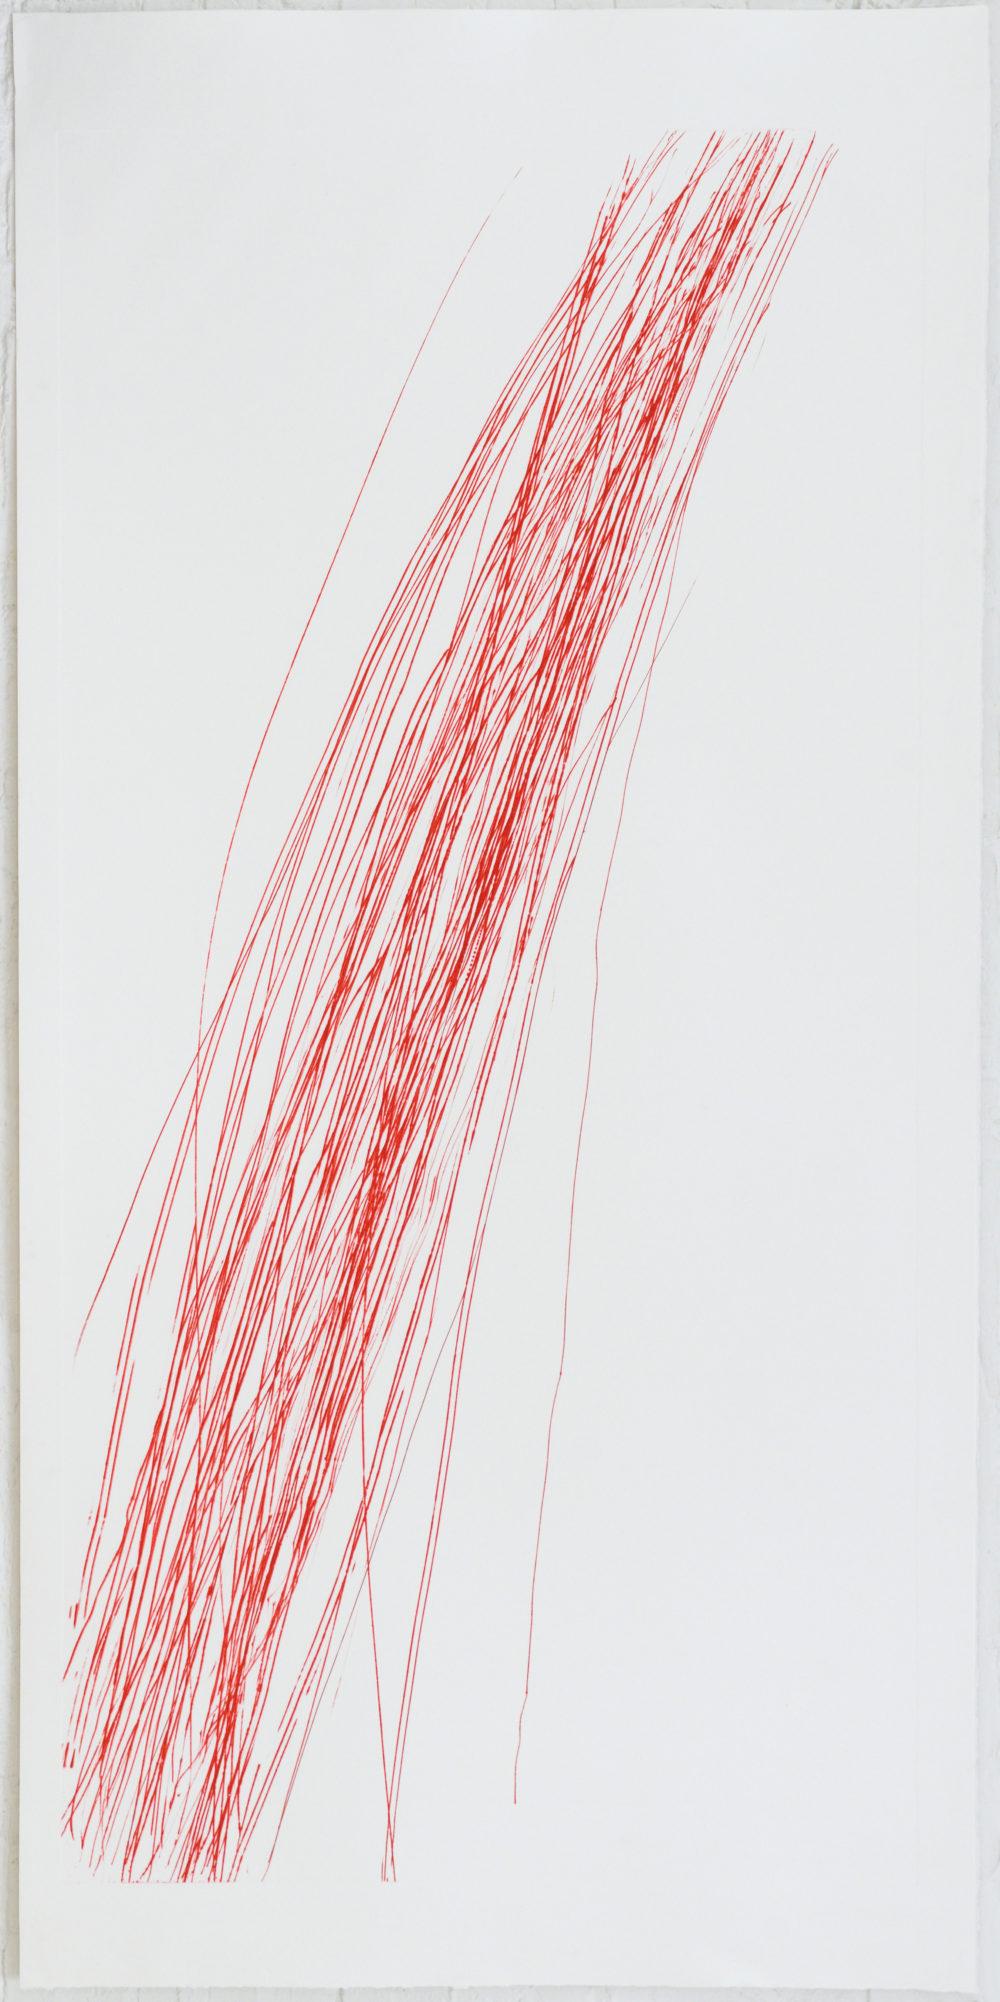 Roter Bogen, 2018 A02, Radierung/ Kaltnadel auf Polystyrol, 224 x 110,5 cm, VG Bild-Kunst, Bonn 2019 / Barbara Grosse, Foto: Archiv der Künstlerin